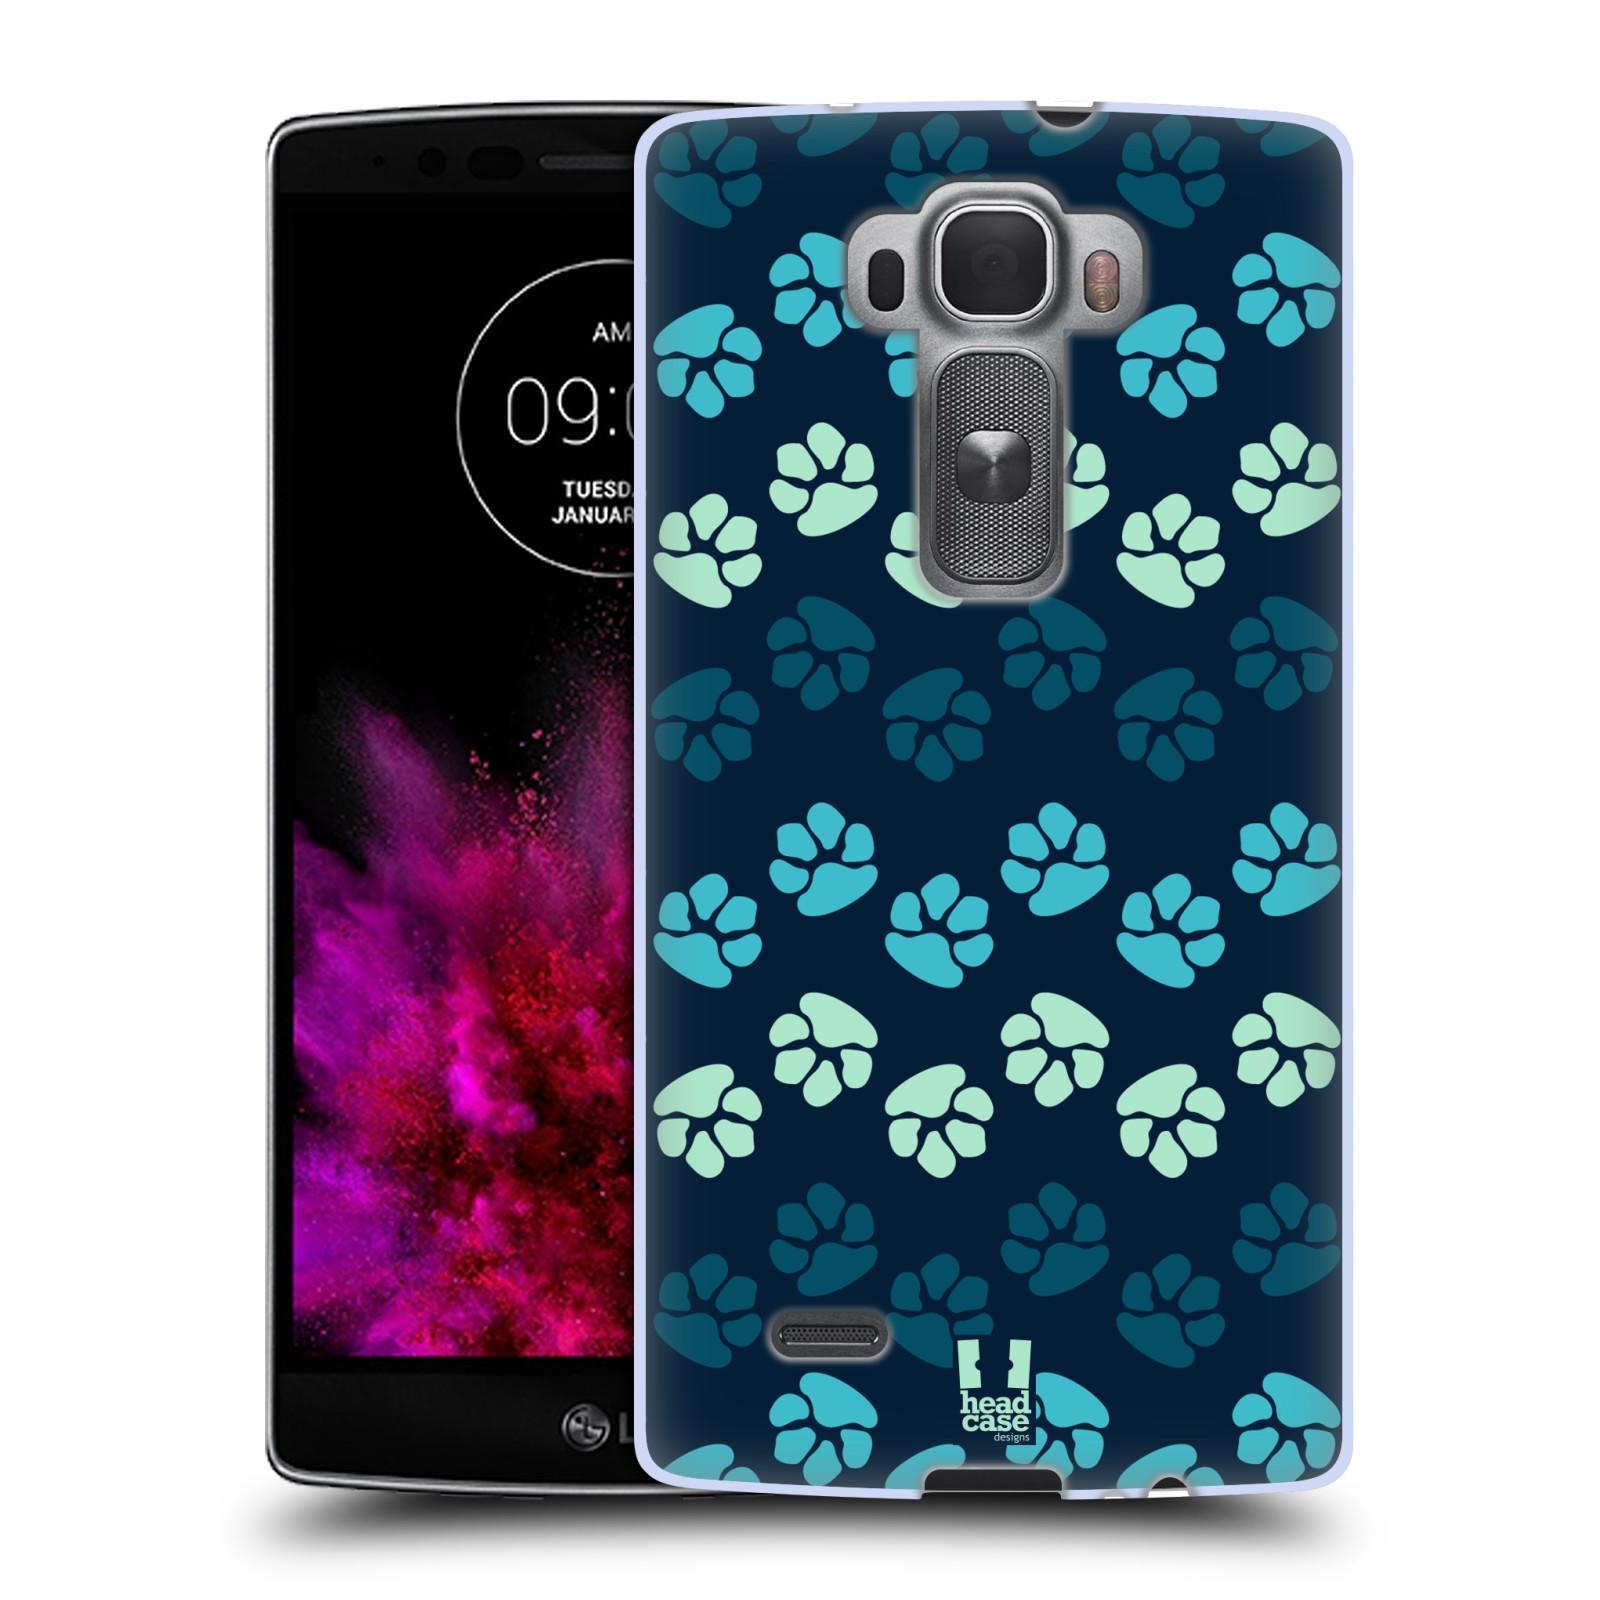 Silikonové pouzdro na mobil LG G Flex 2 HEAD CASE TLAPKY MODRÉ (Silikonový kryt či obal na mobilní telefon LG G Flex 2 H955)